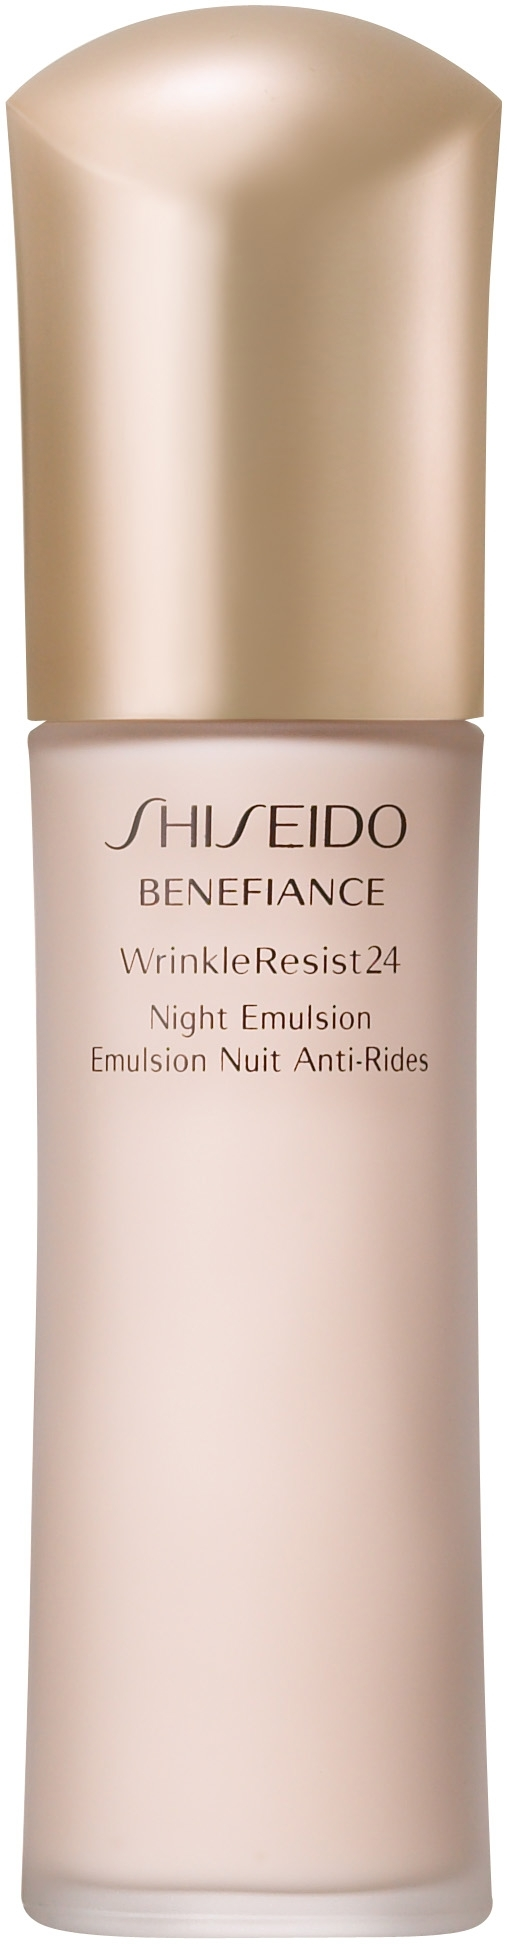 shiseido wrinkle resist 24 nigth emulsion 75ml compra en. Black Bedroom Furniture Sets. Home Design Ideas